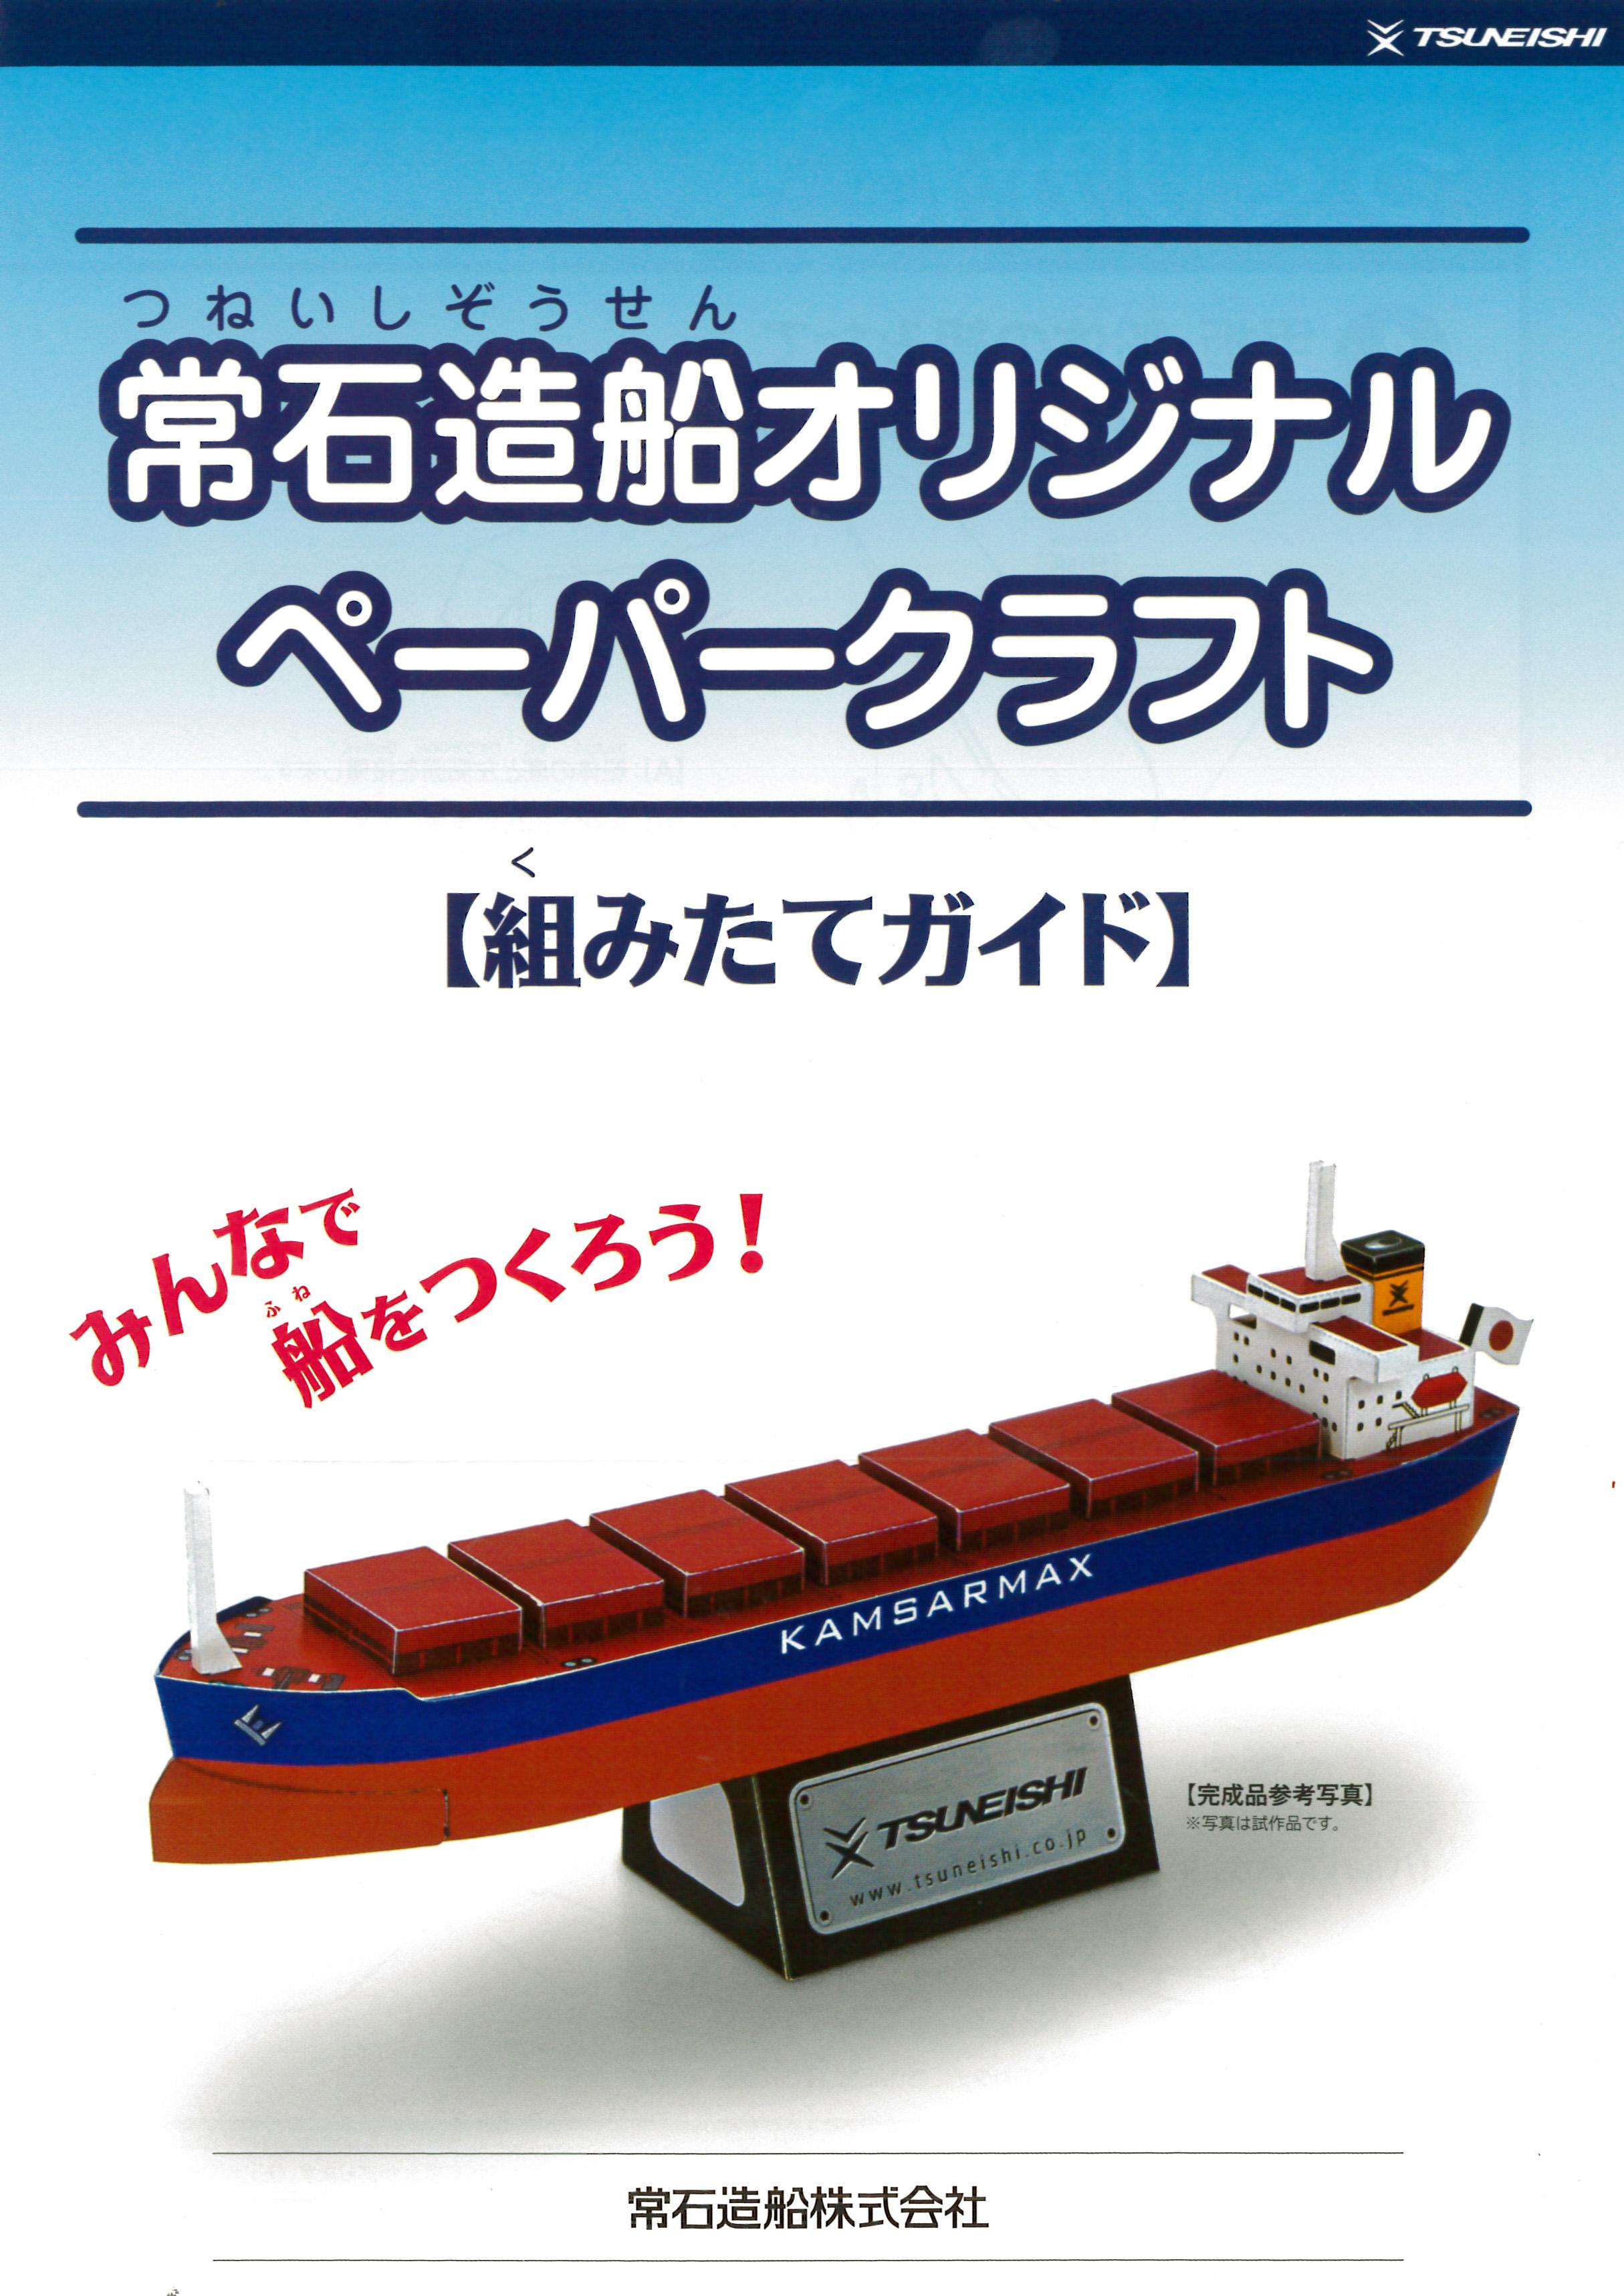 進水式プランの特典 常石造船オリジナルペーパークラフトを進呈(予定)